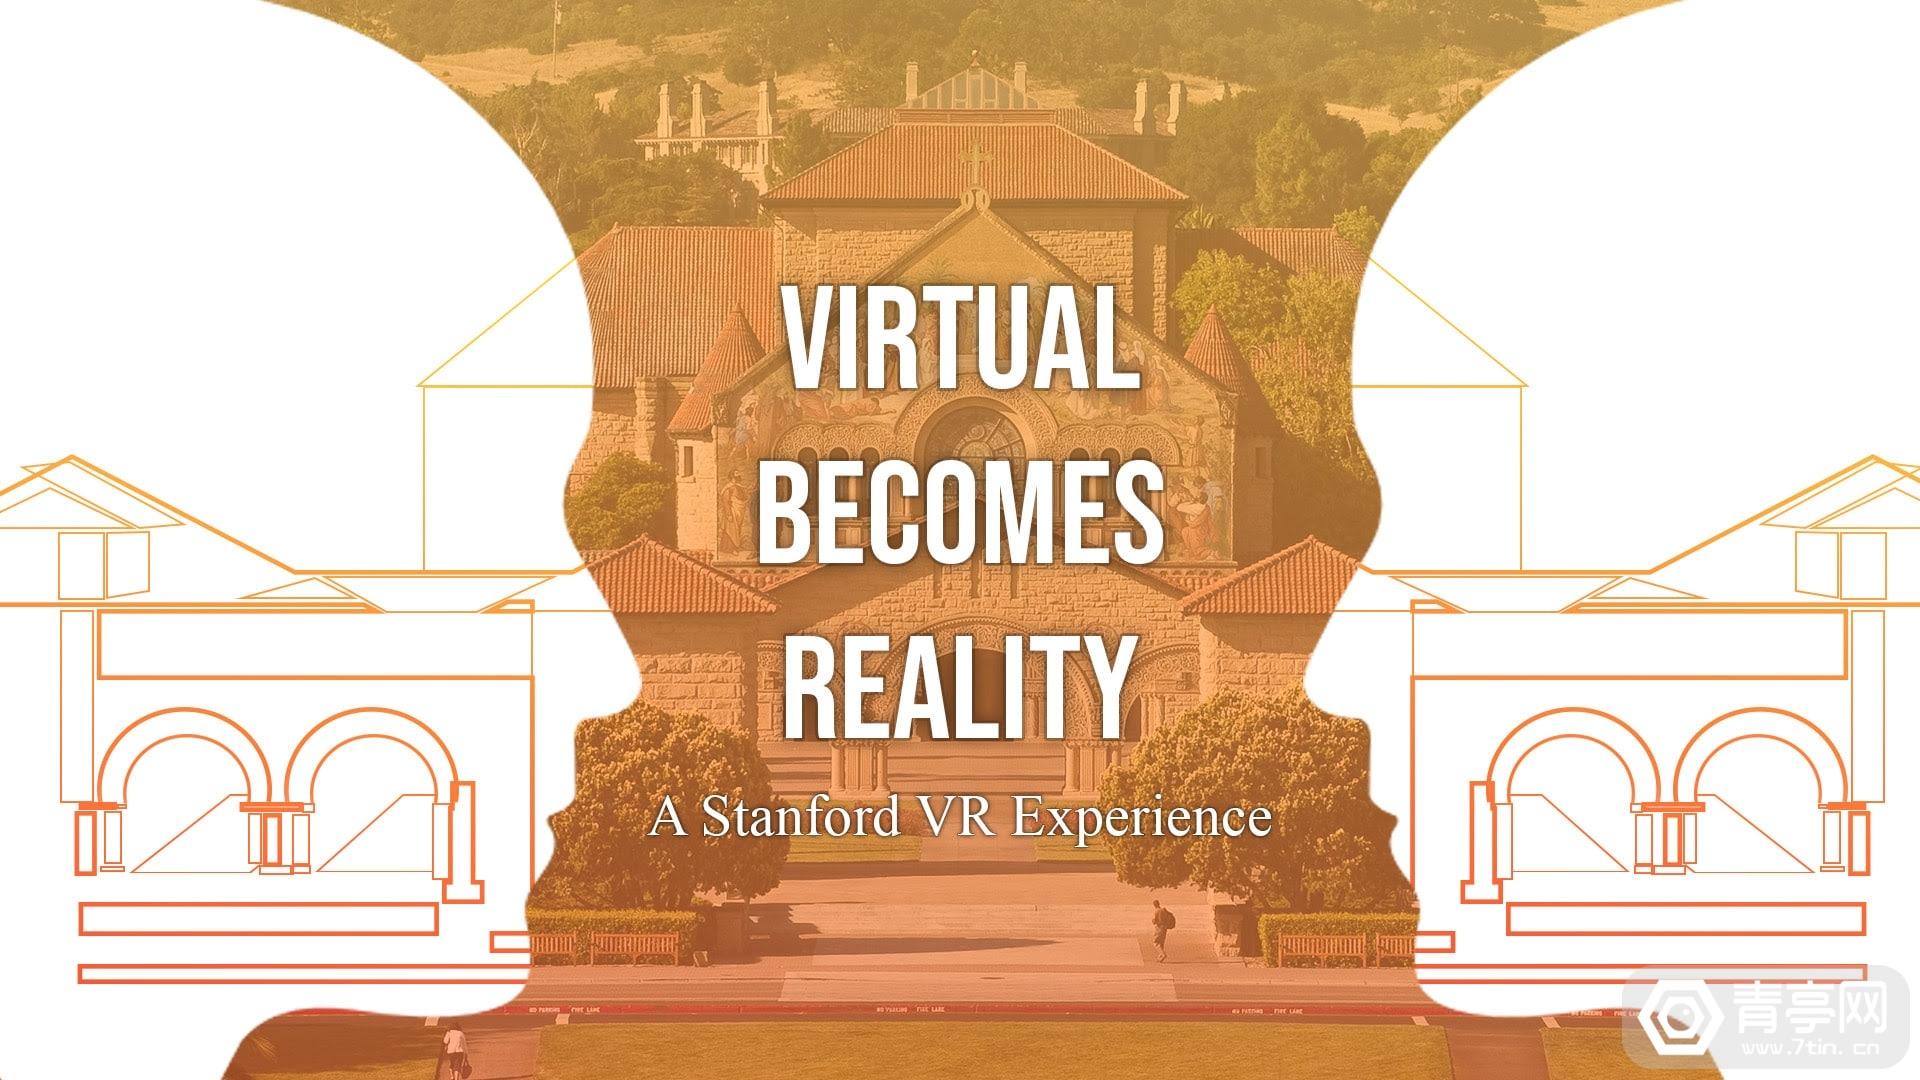 扎克伯格曾参观,斯坦福人机交互实验室推出免费VR参观应用